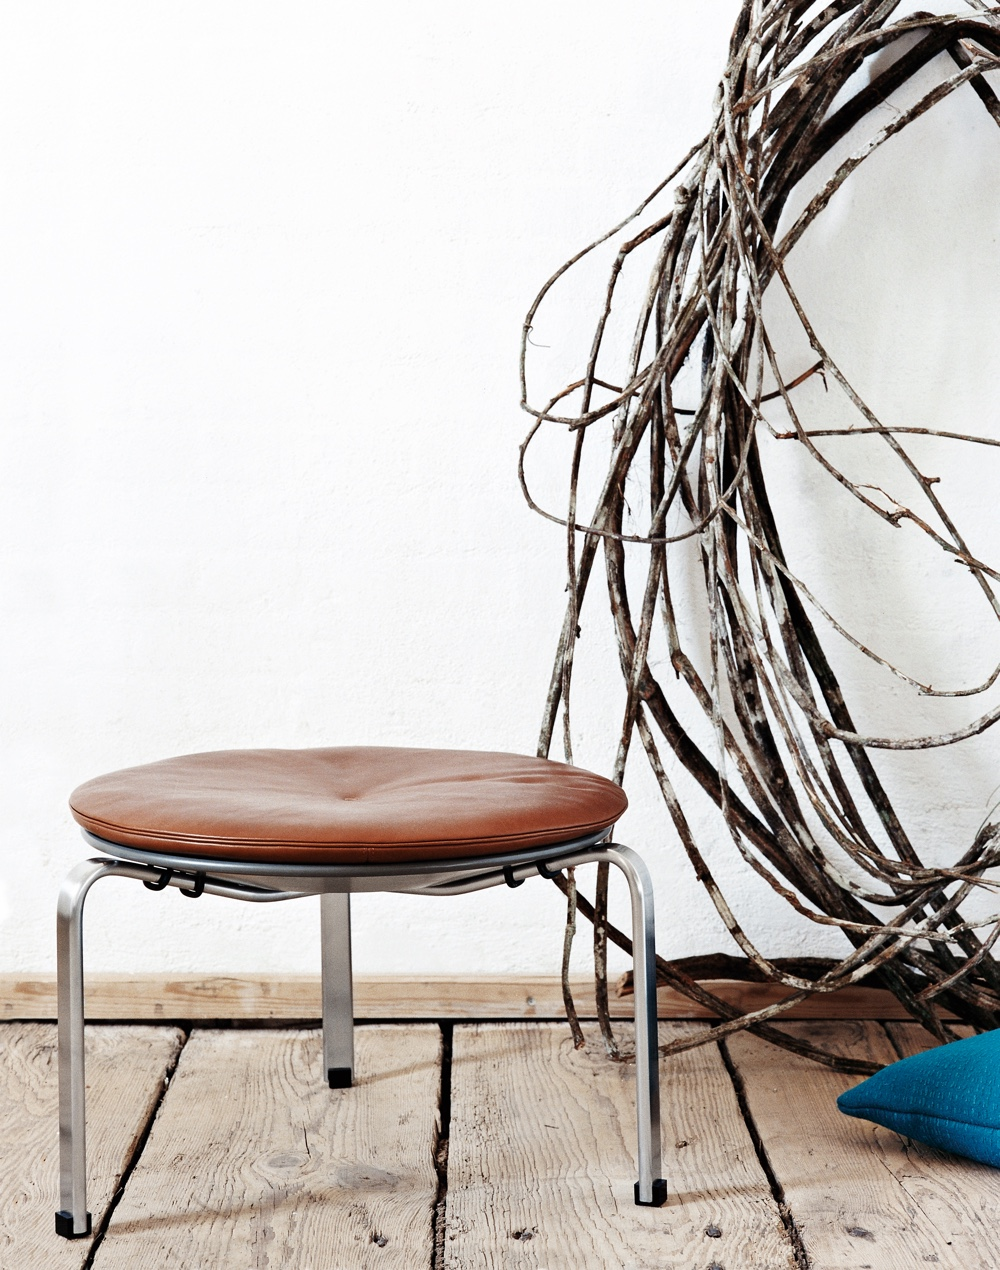 PK33 stool